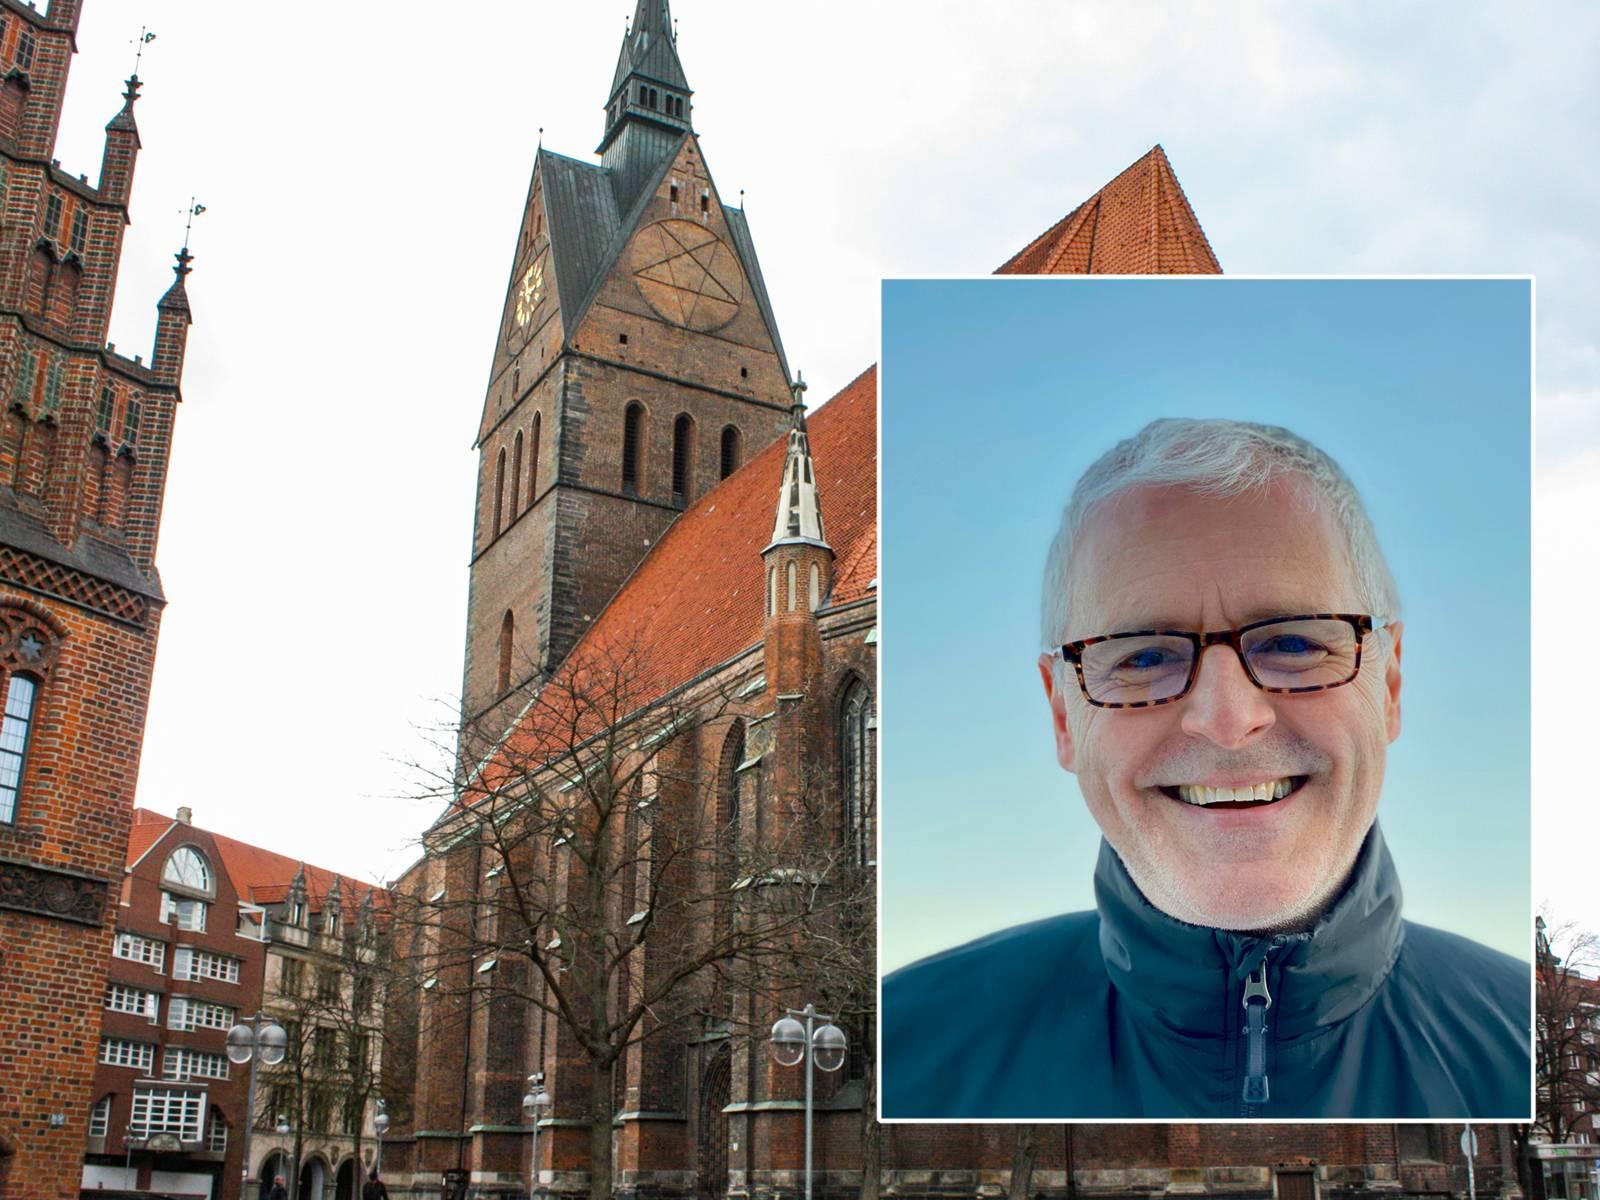 Ein Foto der Marktkirche, rechts im Bild eingeklinkt das Portrait eines Mannes